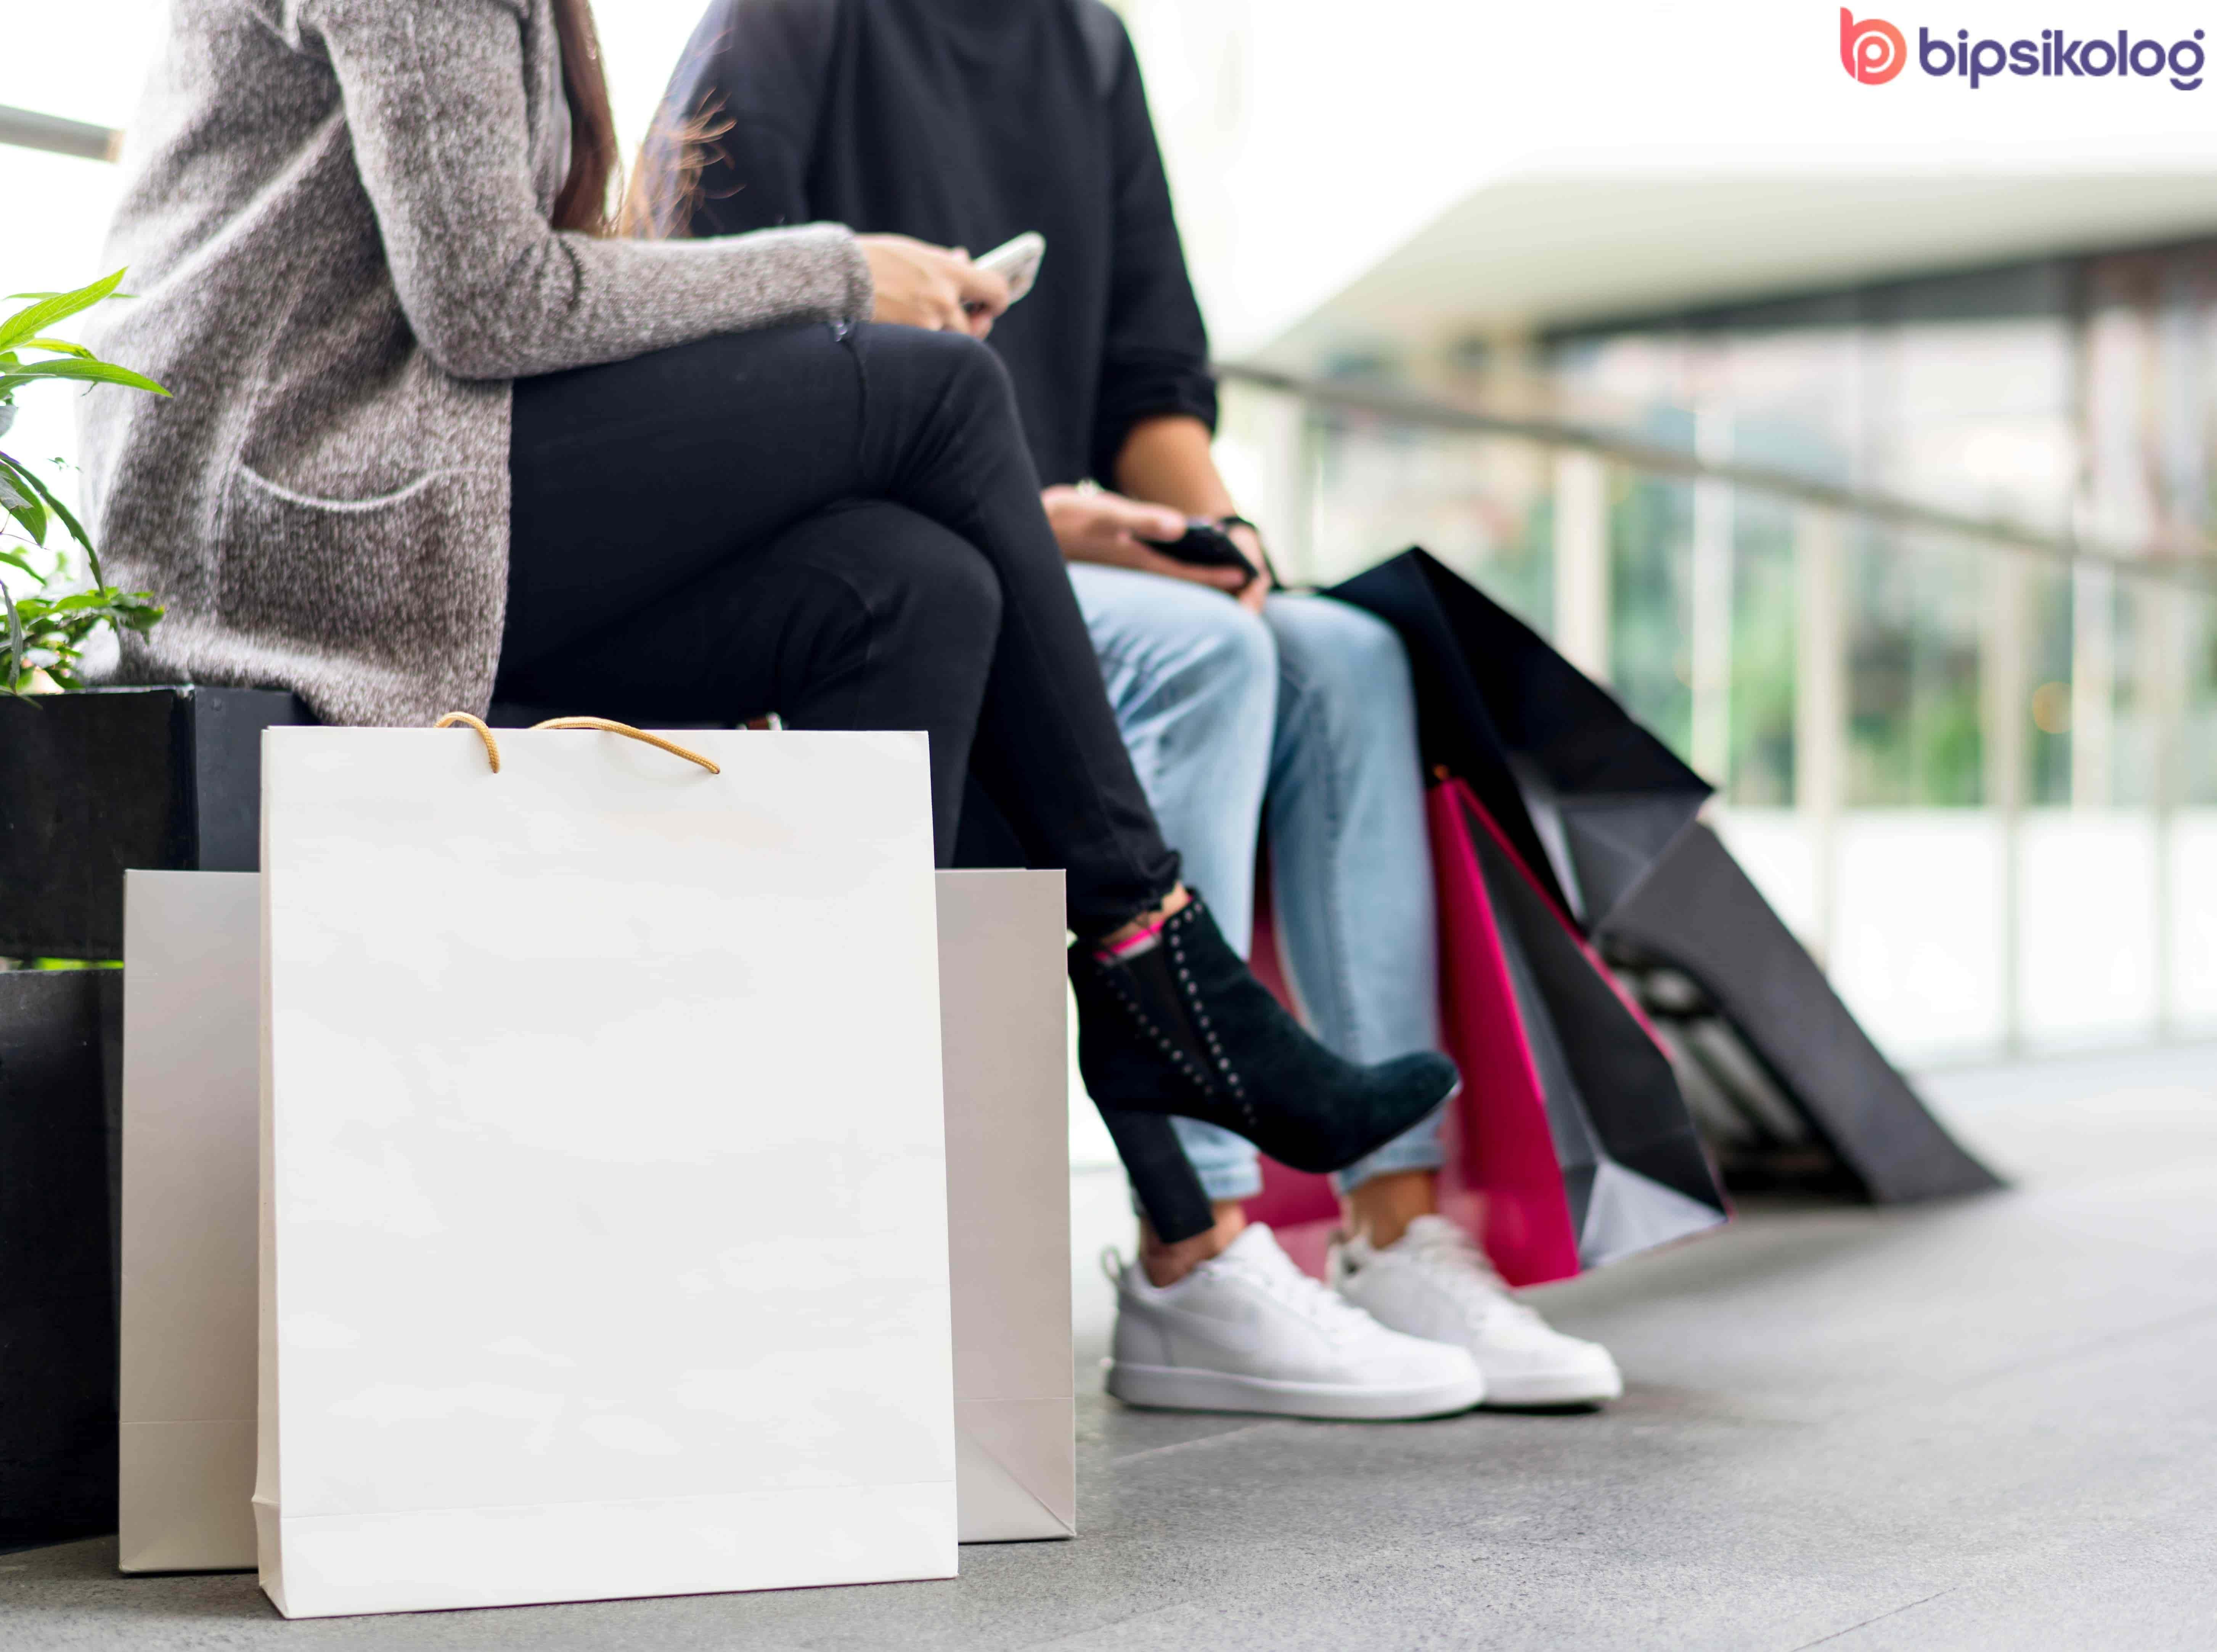 Alışveriş Bağımlılığı Nedir? Nasıl Kurtulunur? (Onyomani)